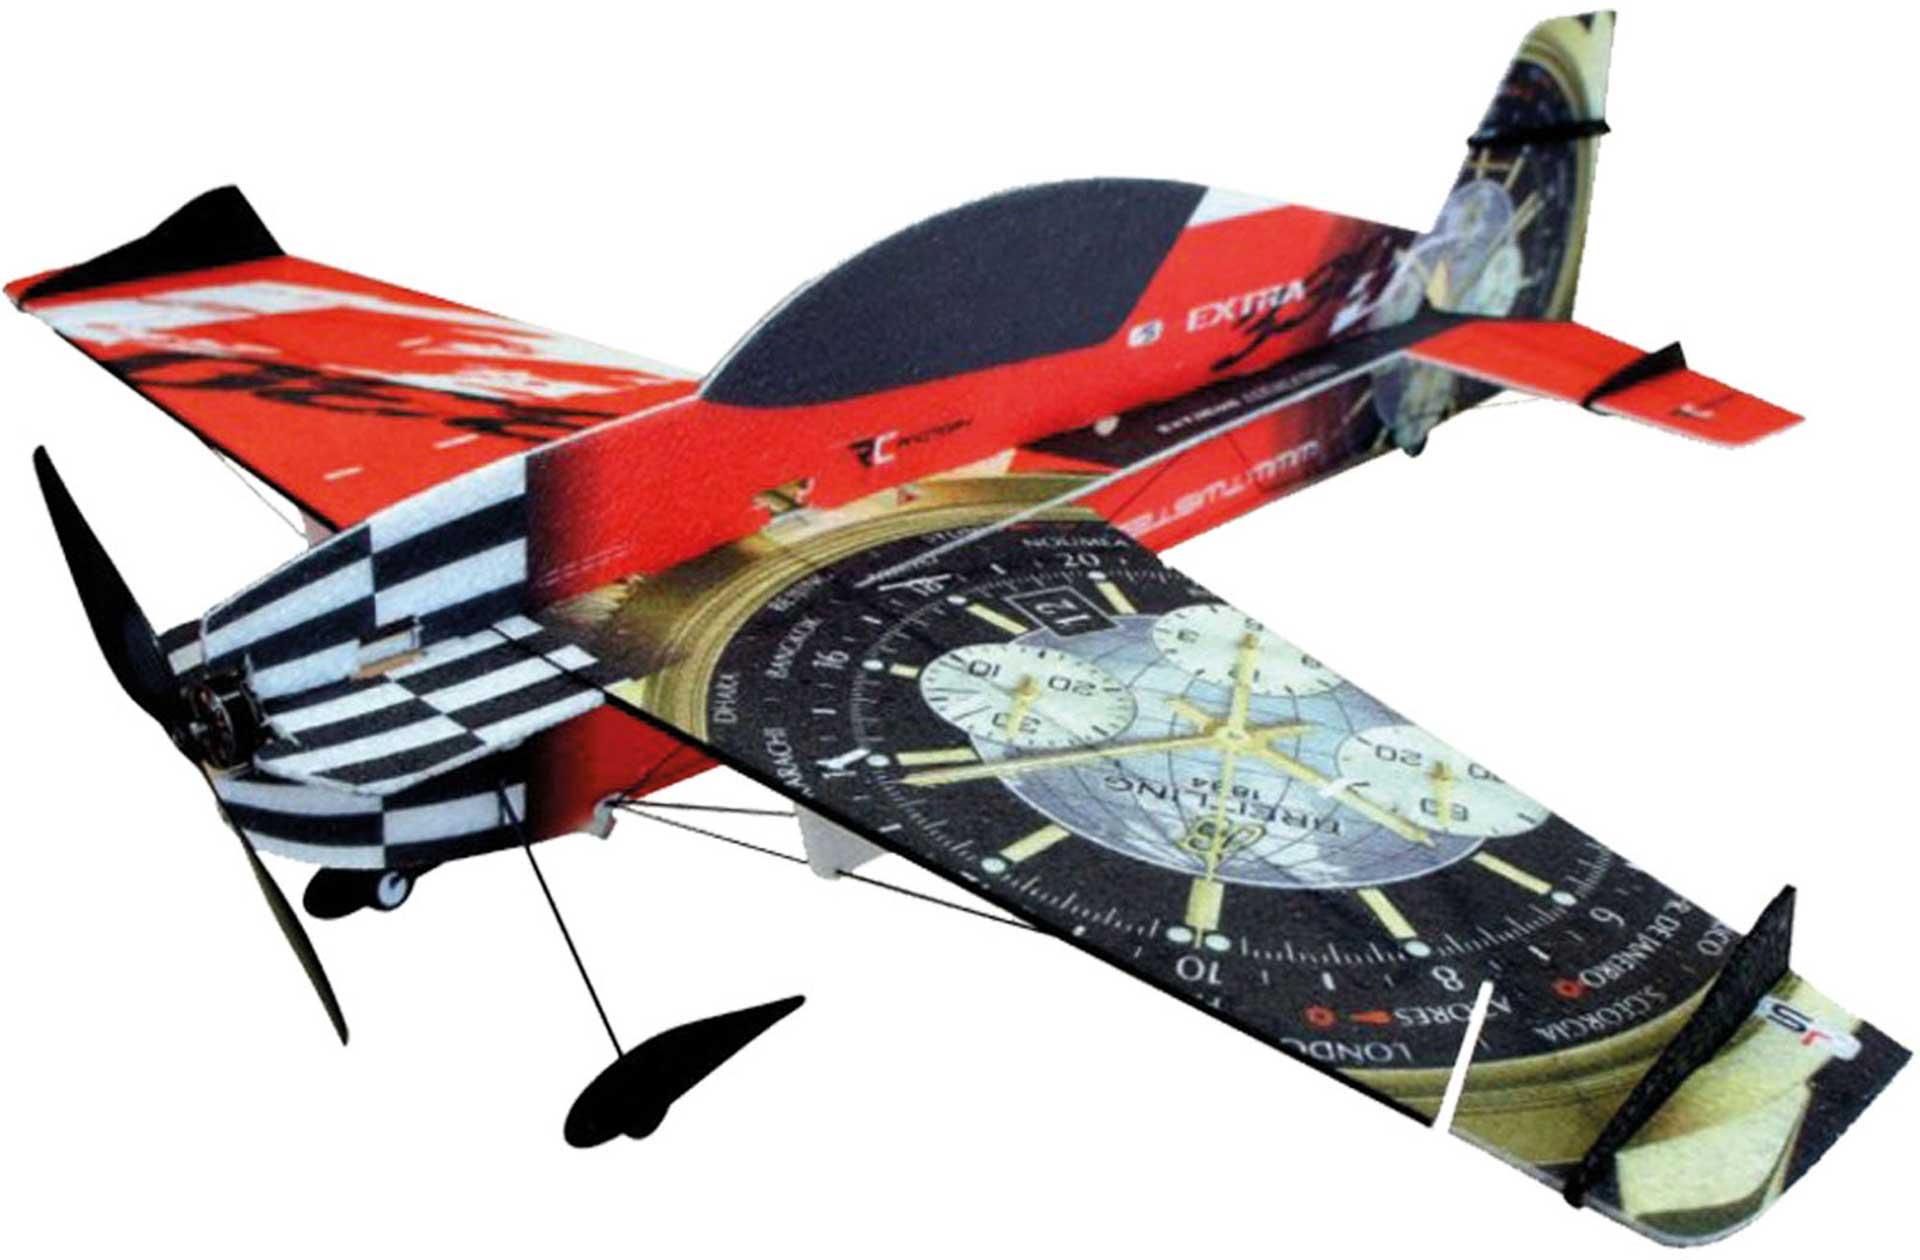 PICHLER EXTRA SUPERLITE ROT COMBO 3D KUNSTFLUGMODELL